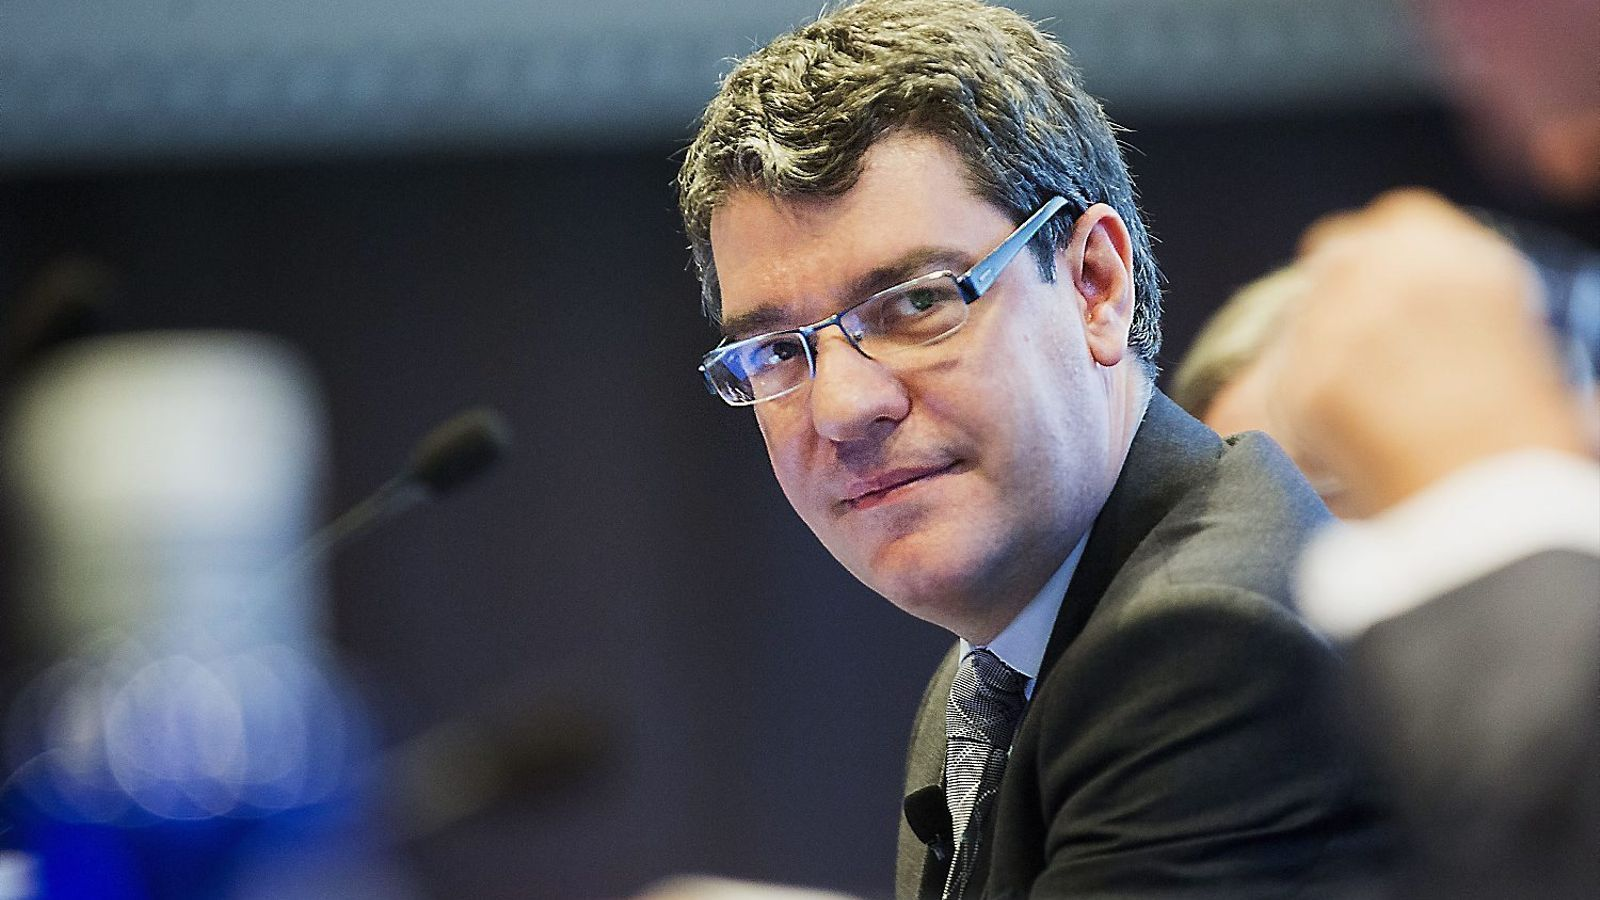 El doctorado inexistente del ministro Álvaro Nadal (Àlex Font Manté)